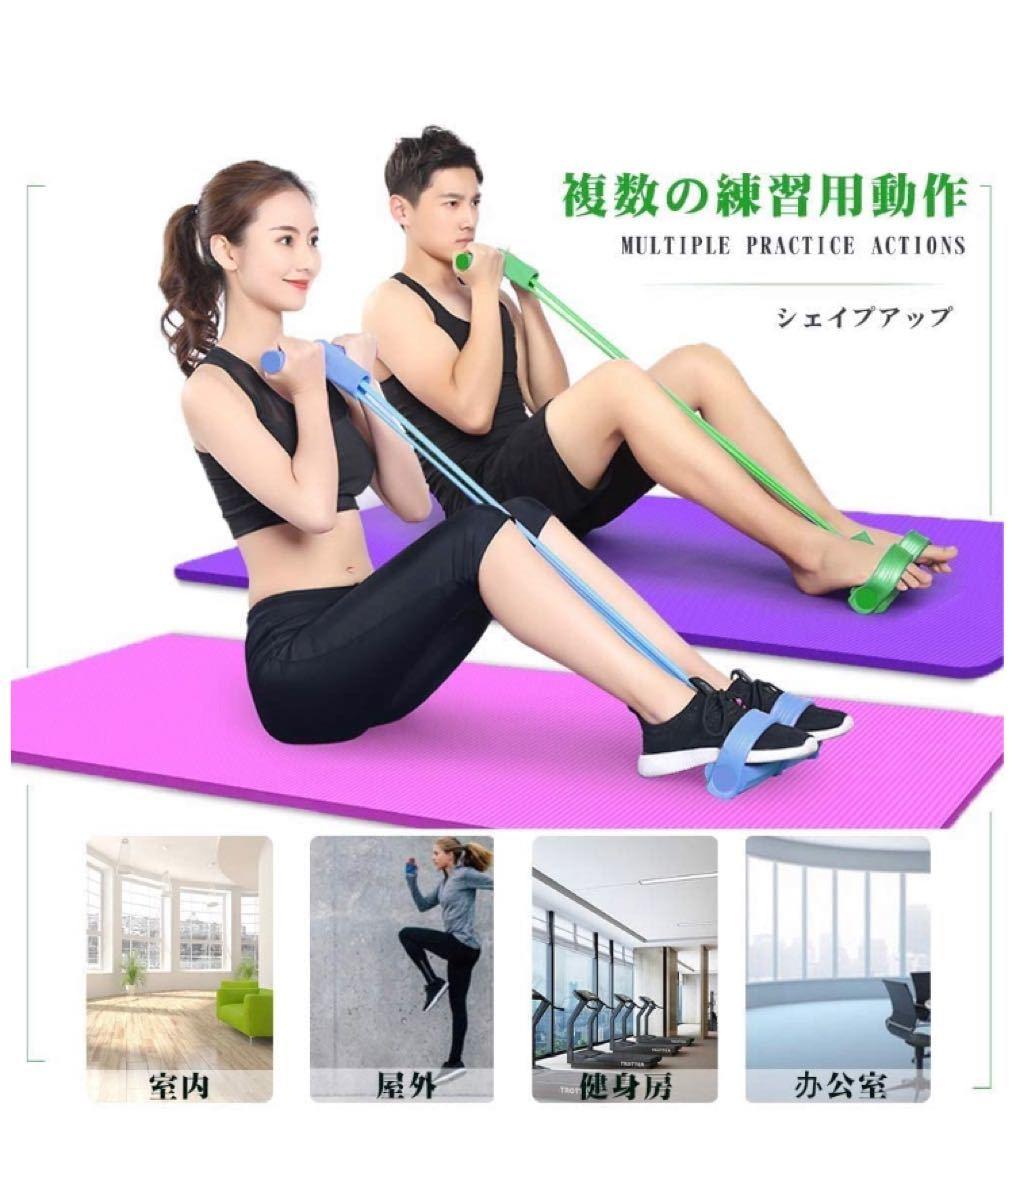 トレーニングチューブ シットアップ 腹筋エクササイズ ペダルプラー 筋トレ